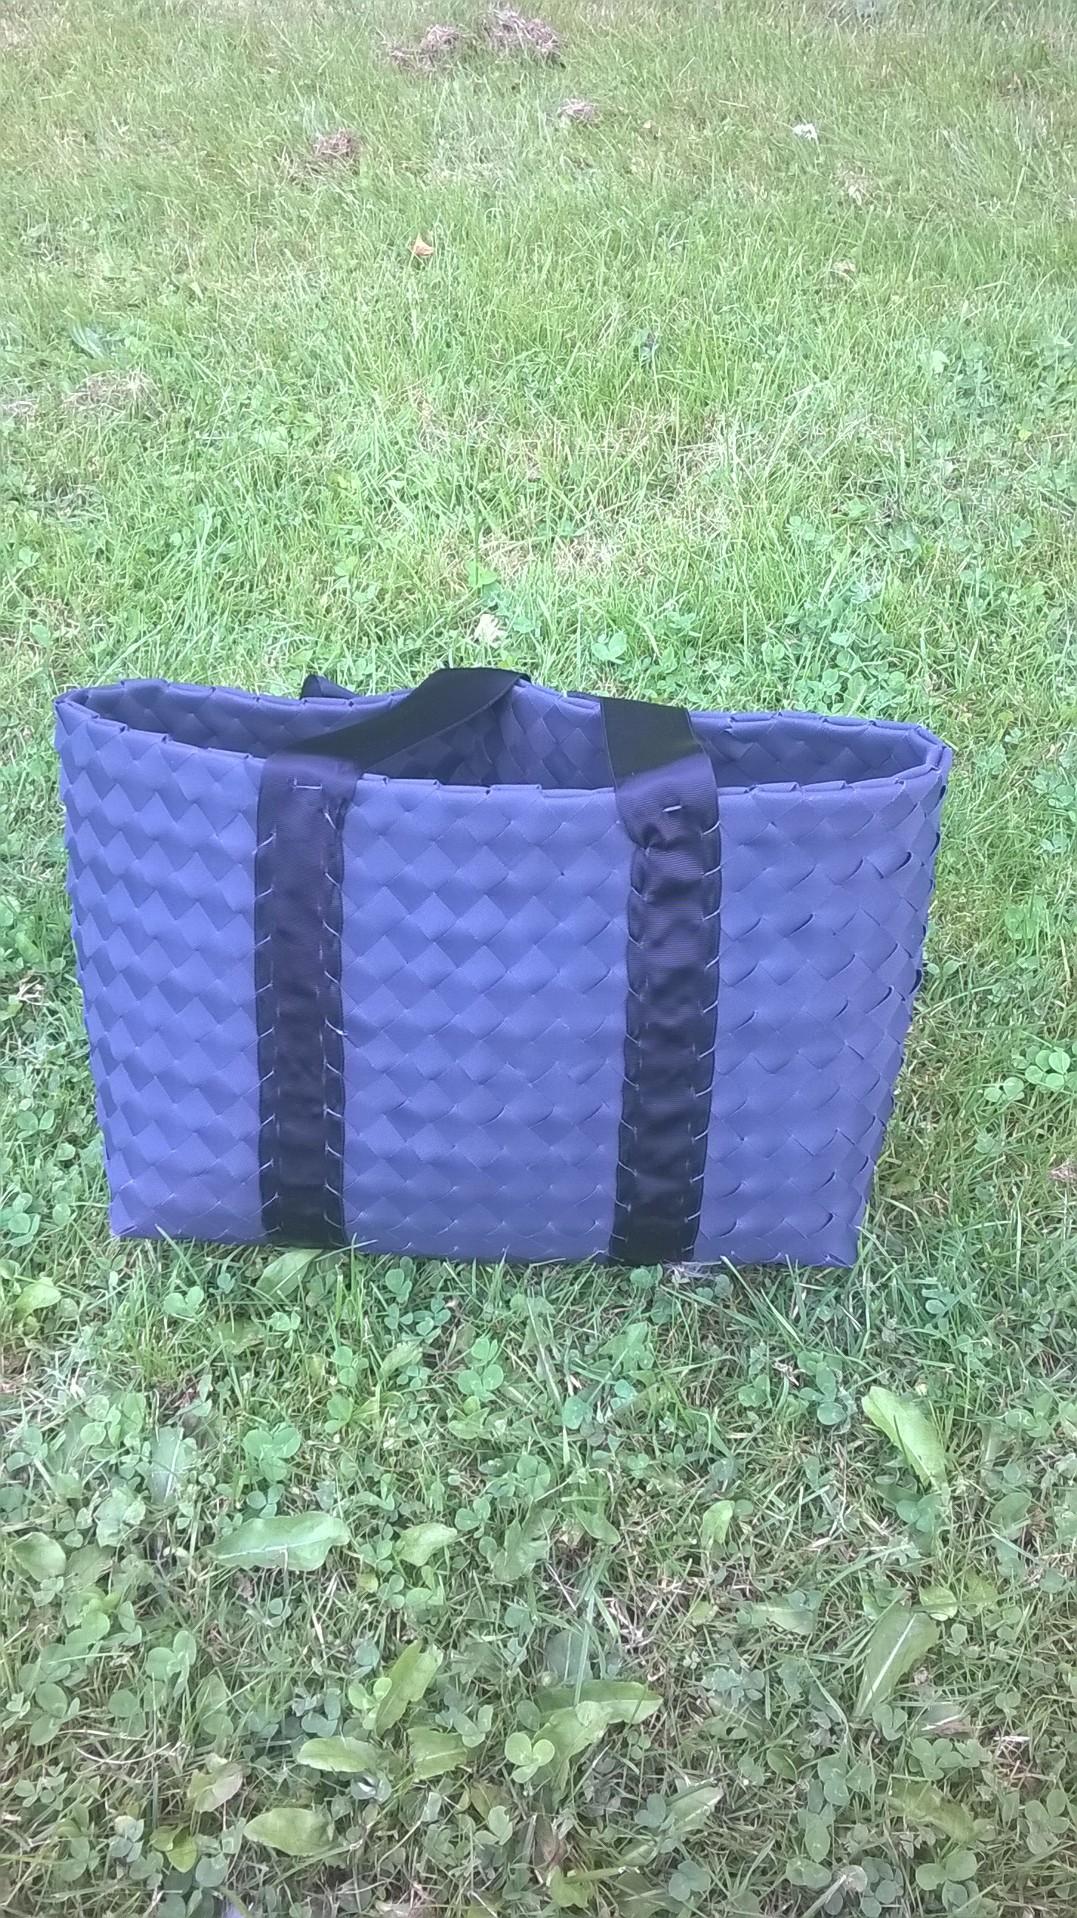 Taske af lamelgardiner